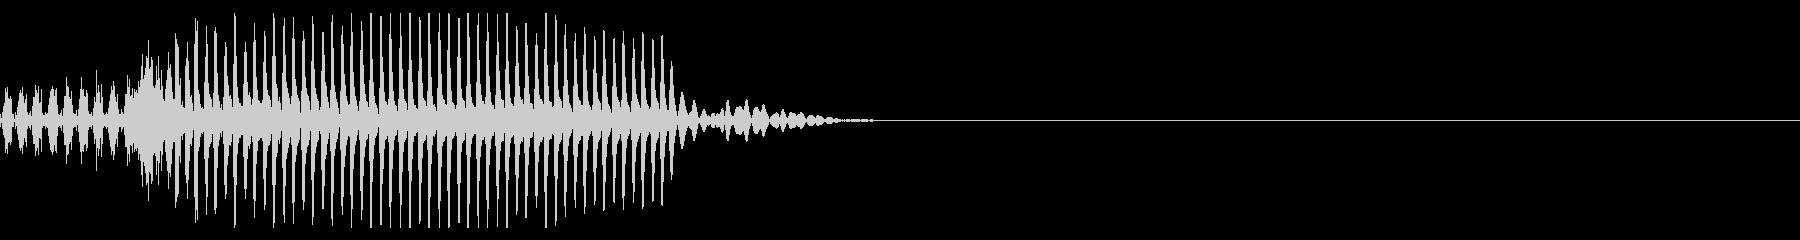 重々しいブオーンという起動音の未再生の波形